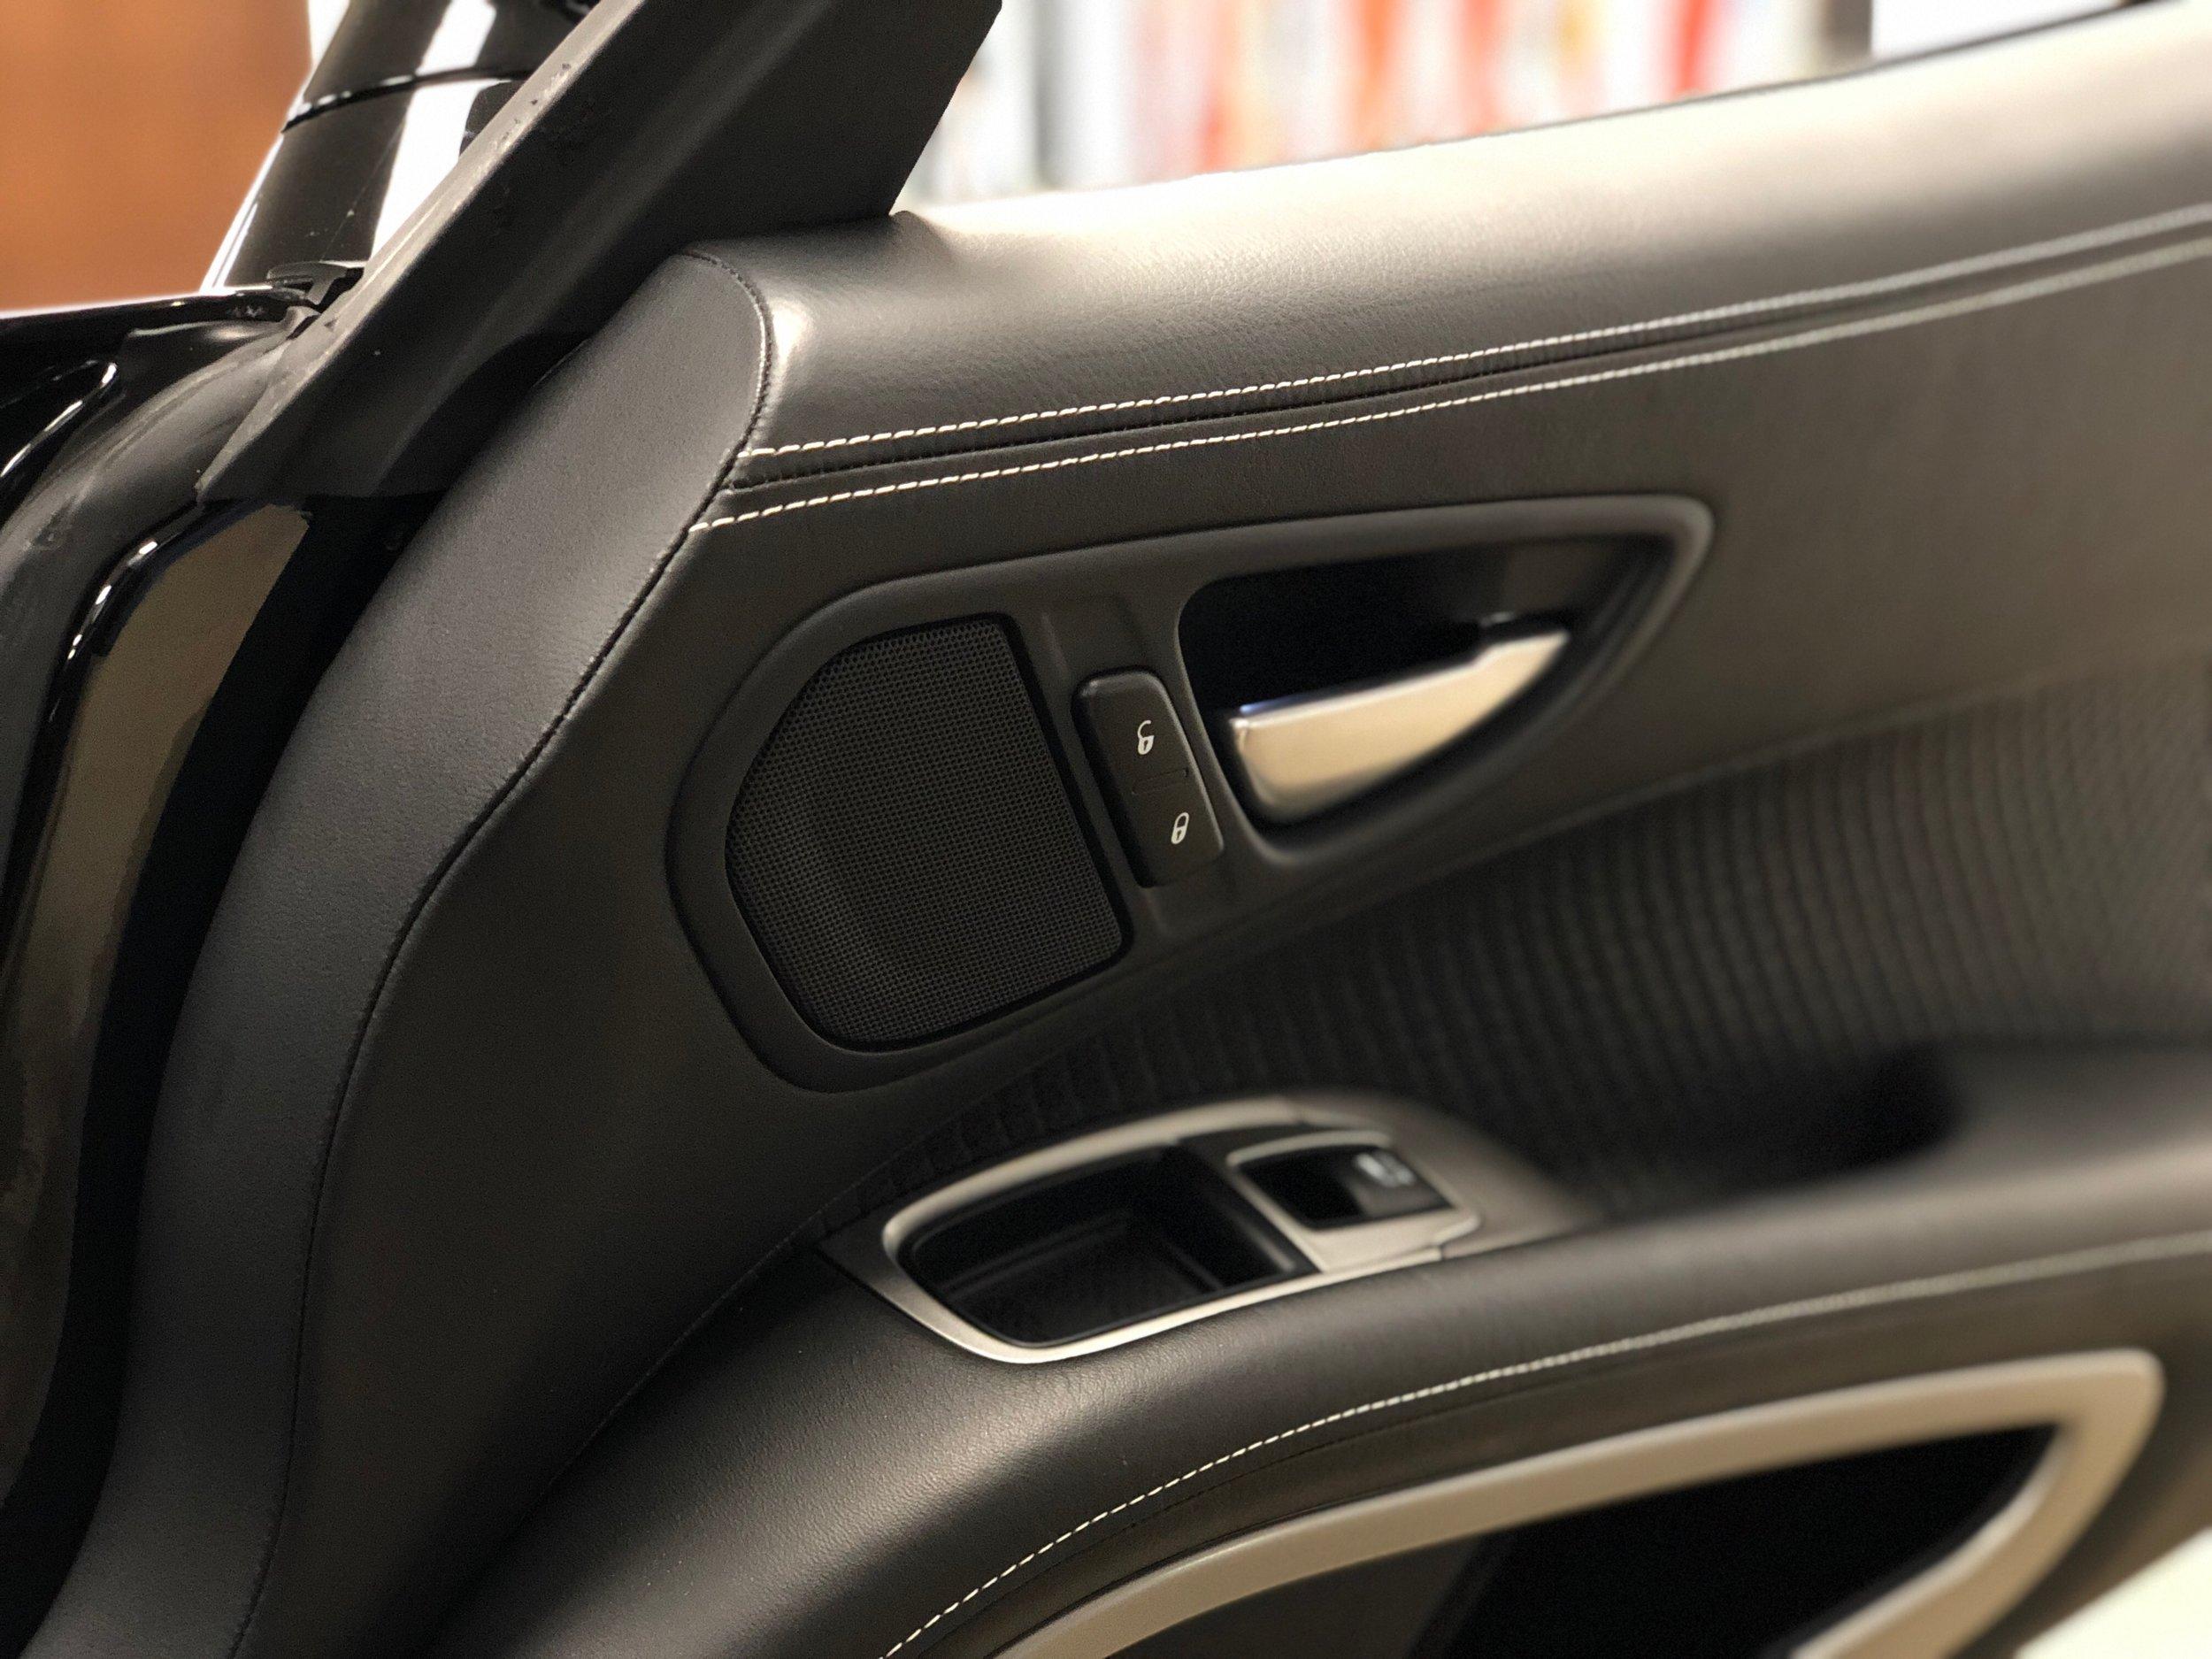 Black 2014 Dodge Viper Gts Door Lock